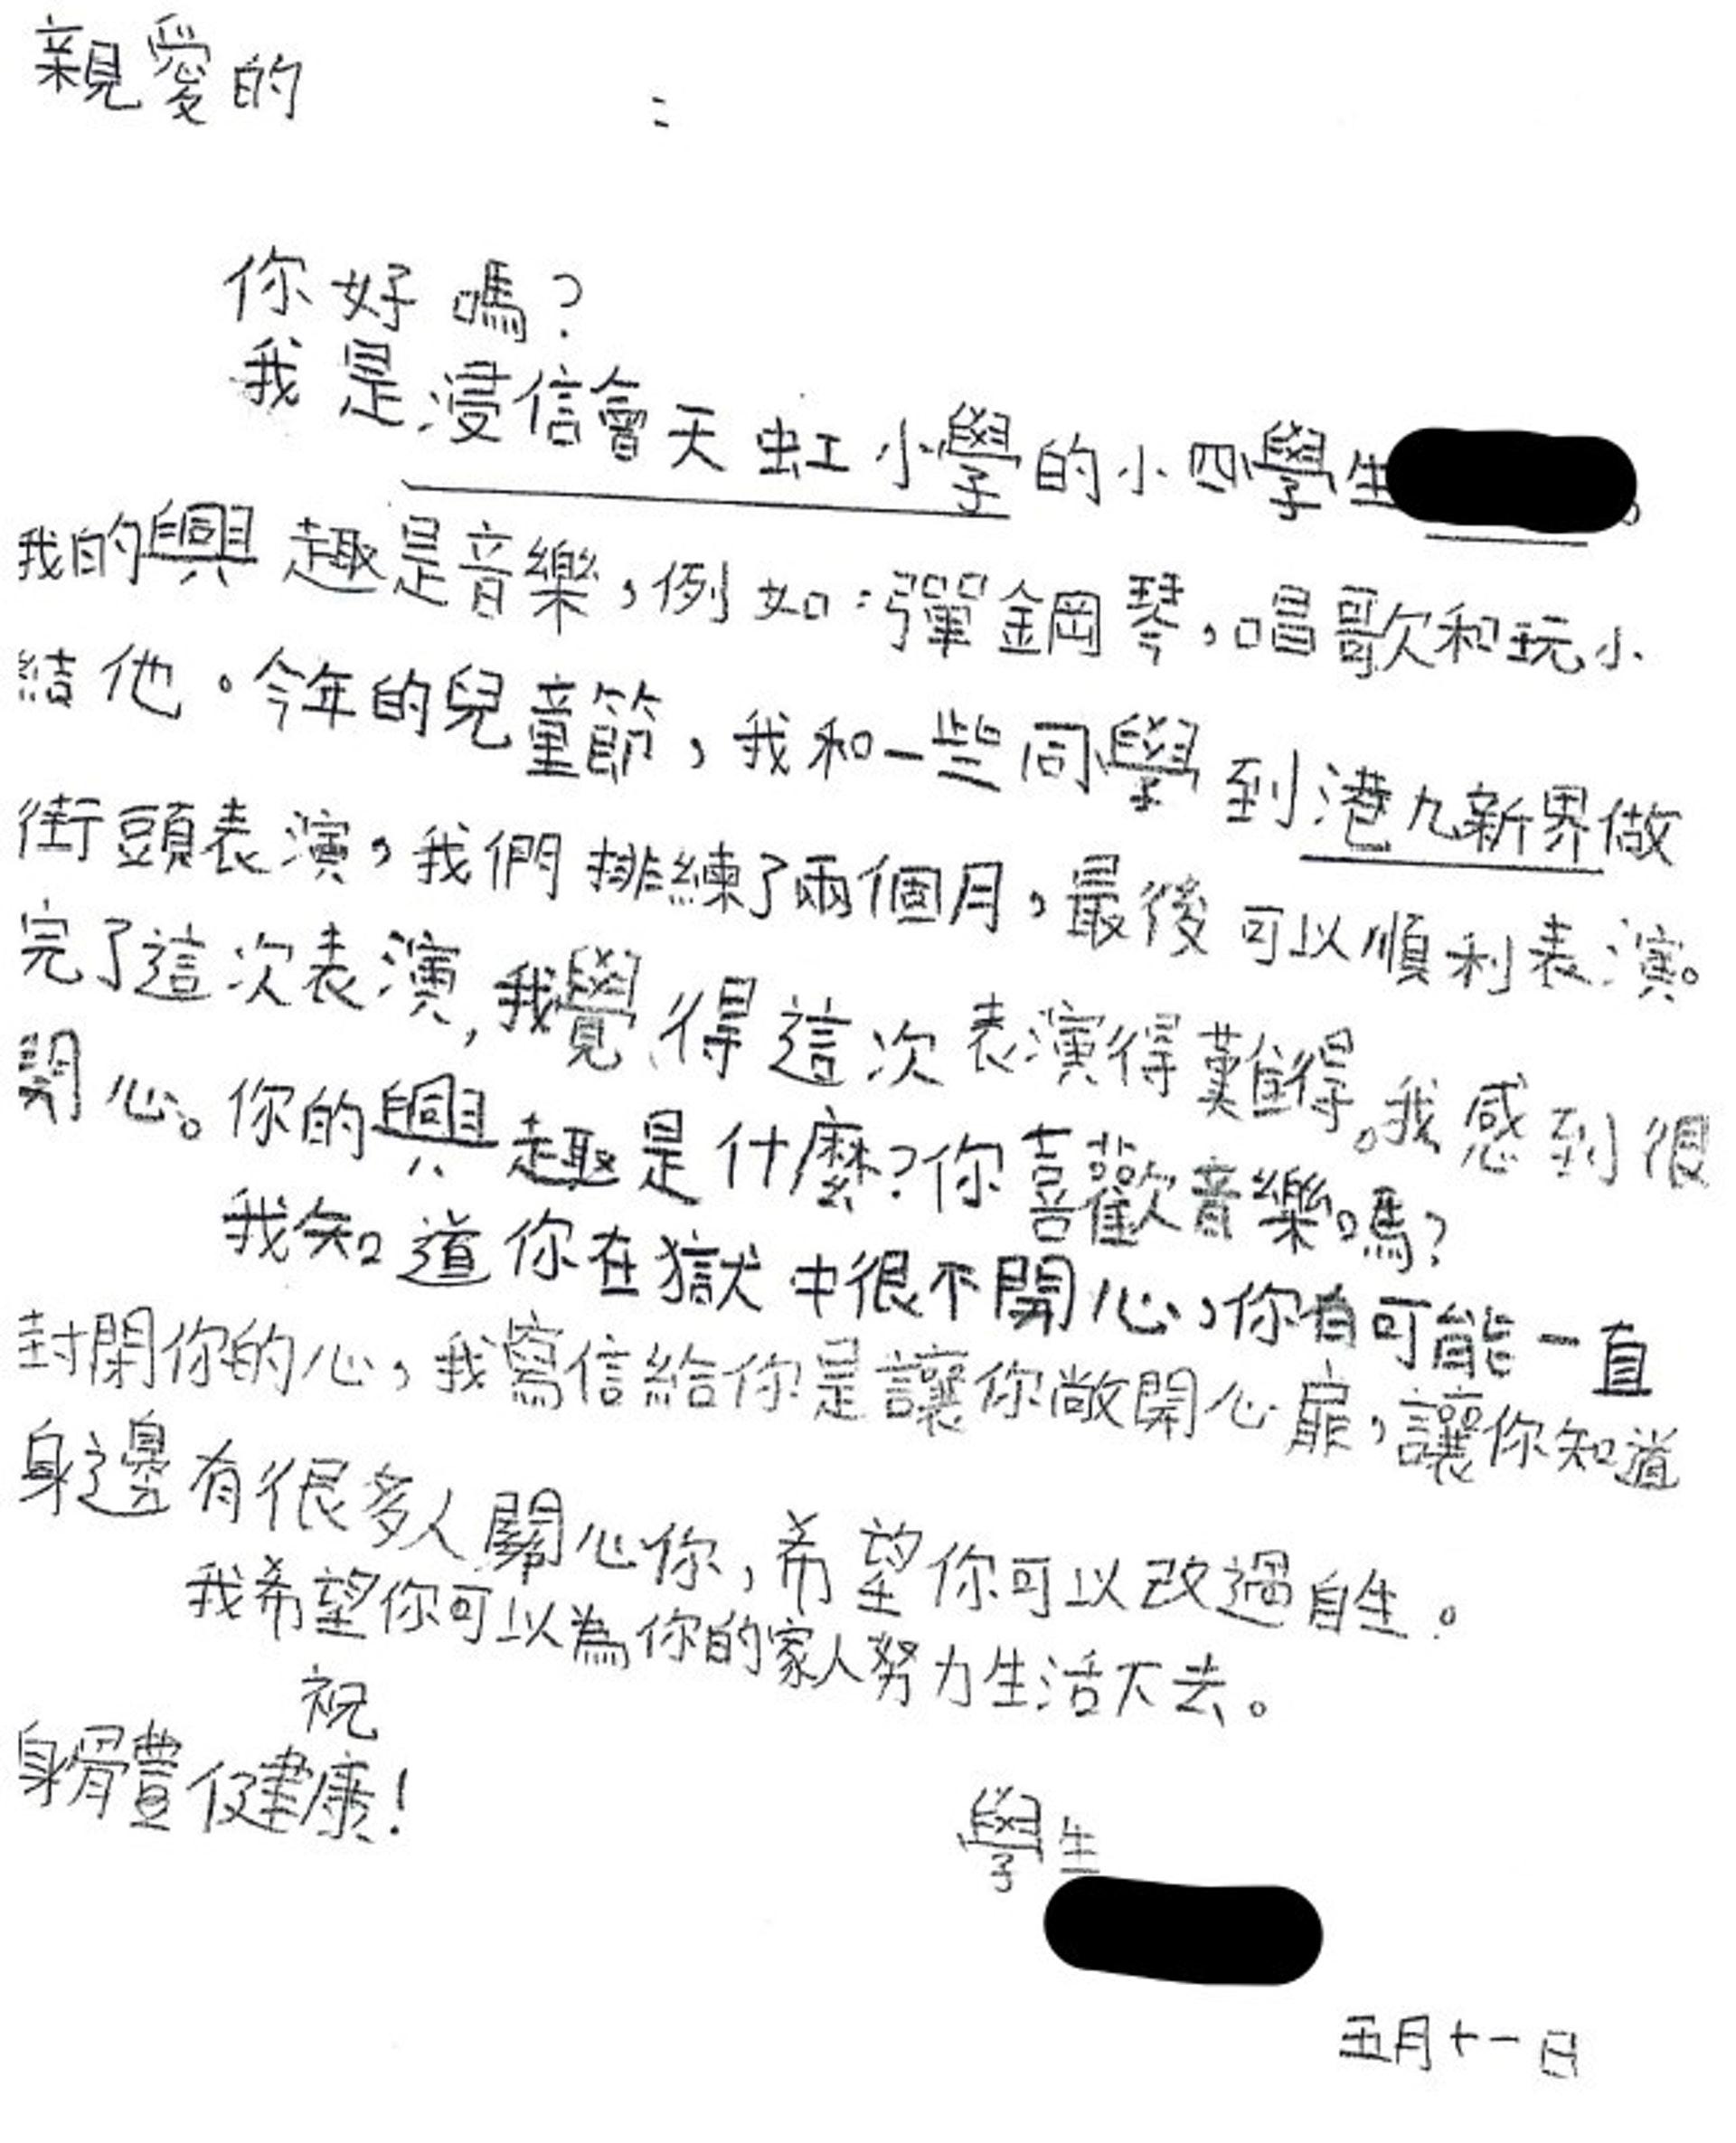 徐同學在寫給囚友的信中寫道,「我知道你在獄中很不開心,希望你可以改過自新,為你的家人努力活下去」。(浸信會天虹小學提供)